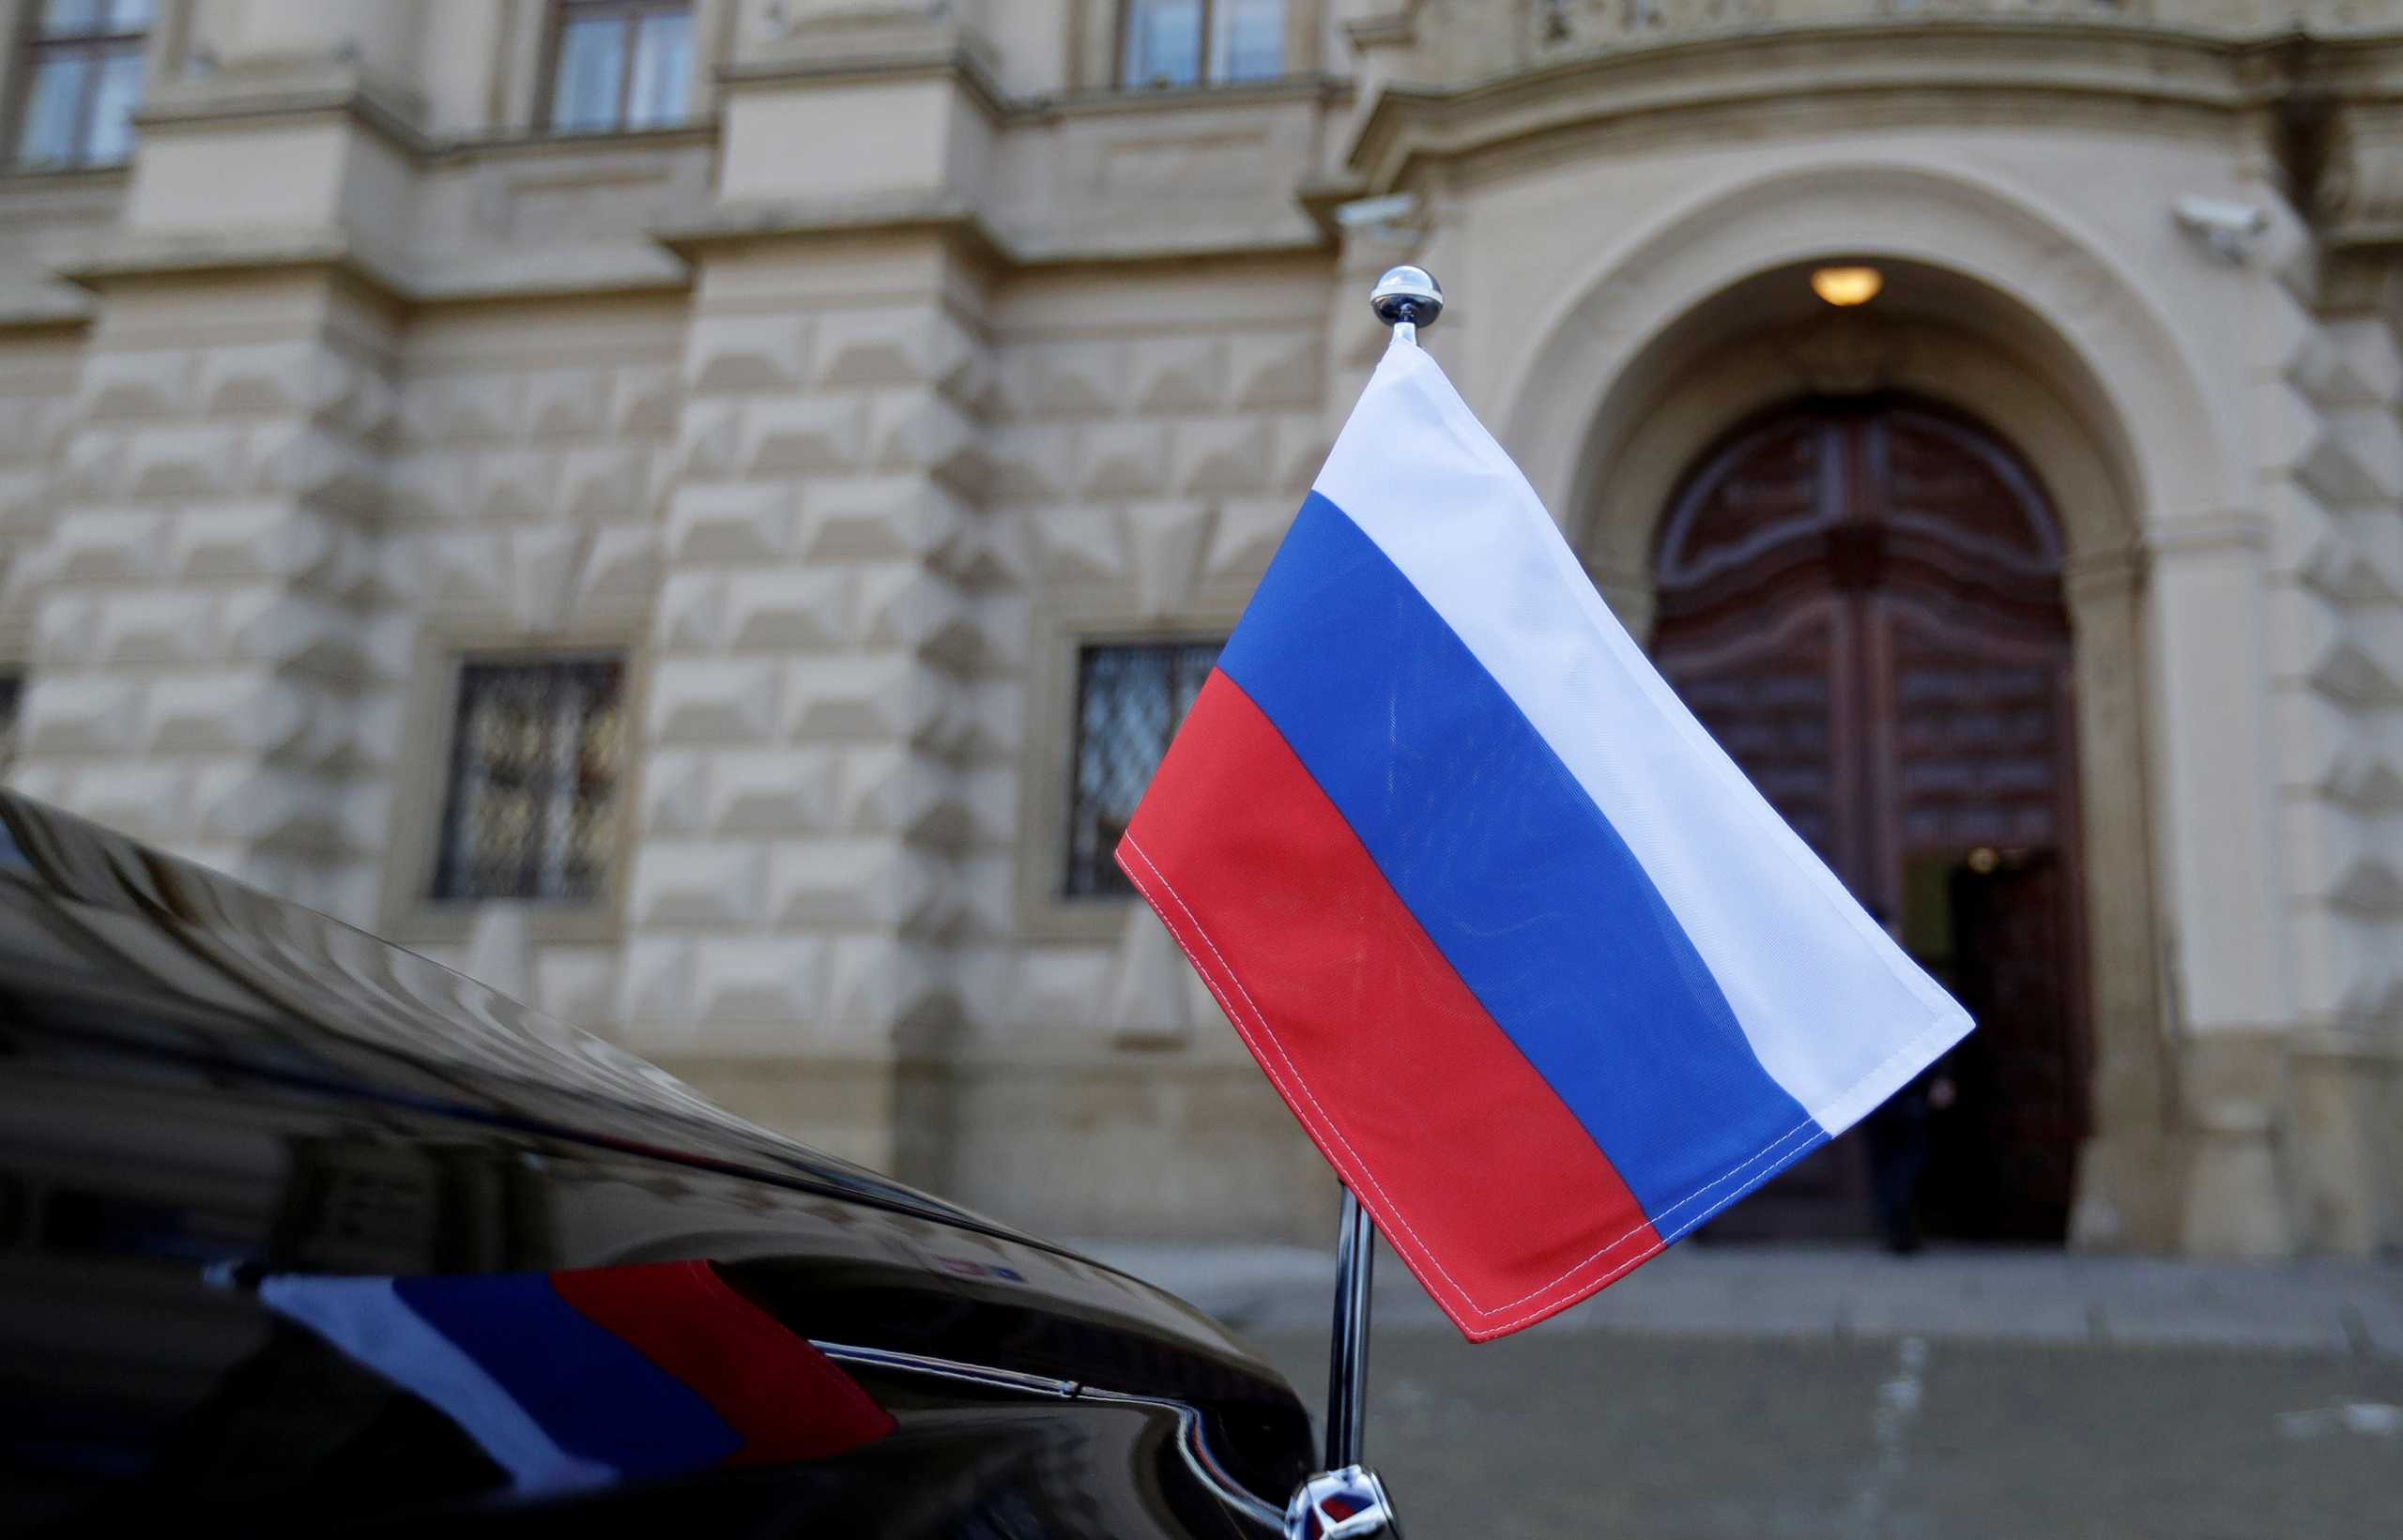 Η Ρωσία απέλασε 7 διπλωμάτες από 4 χώρες της ΕΕ